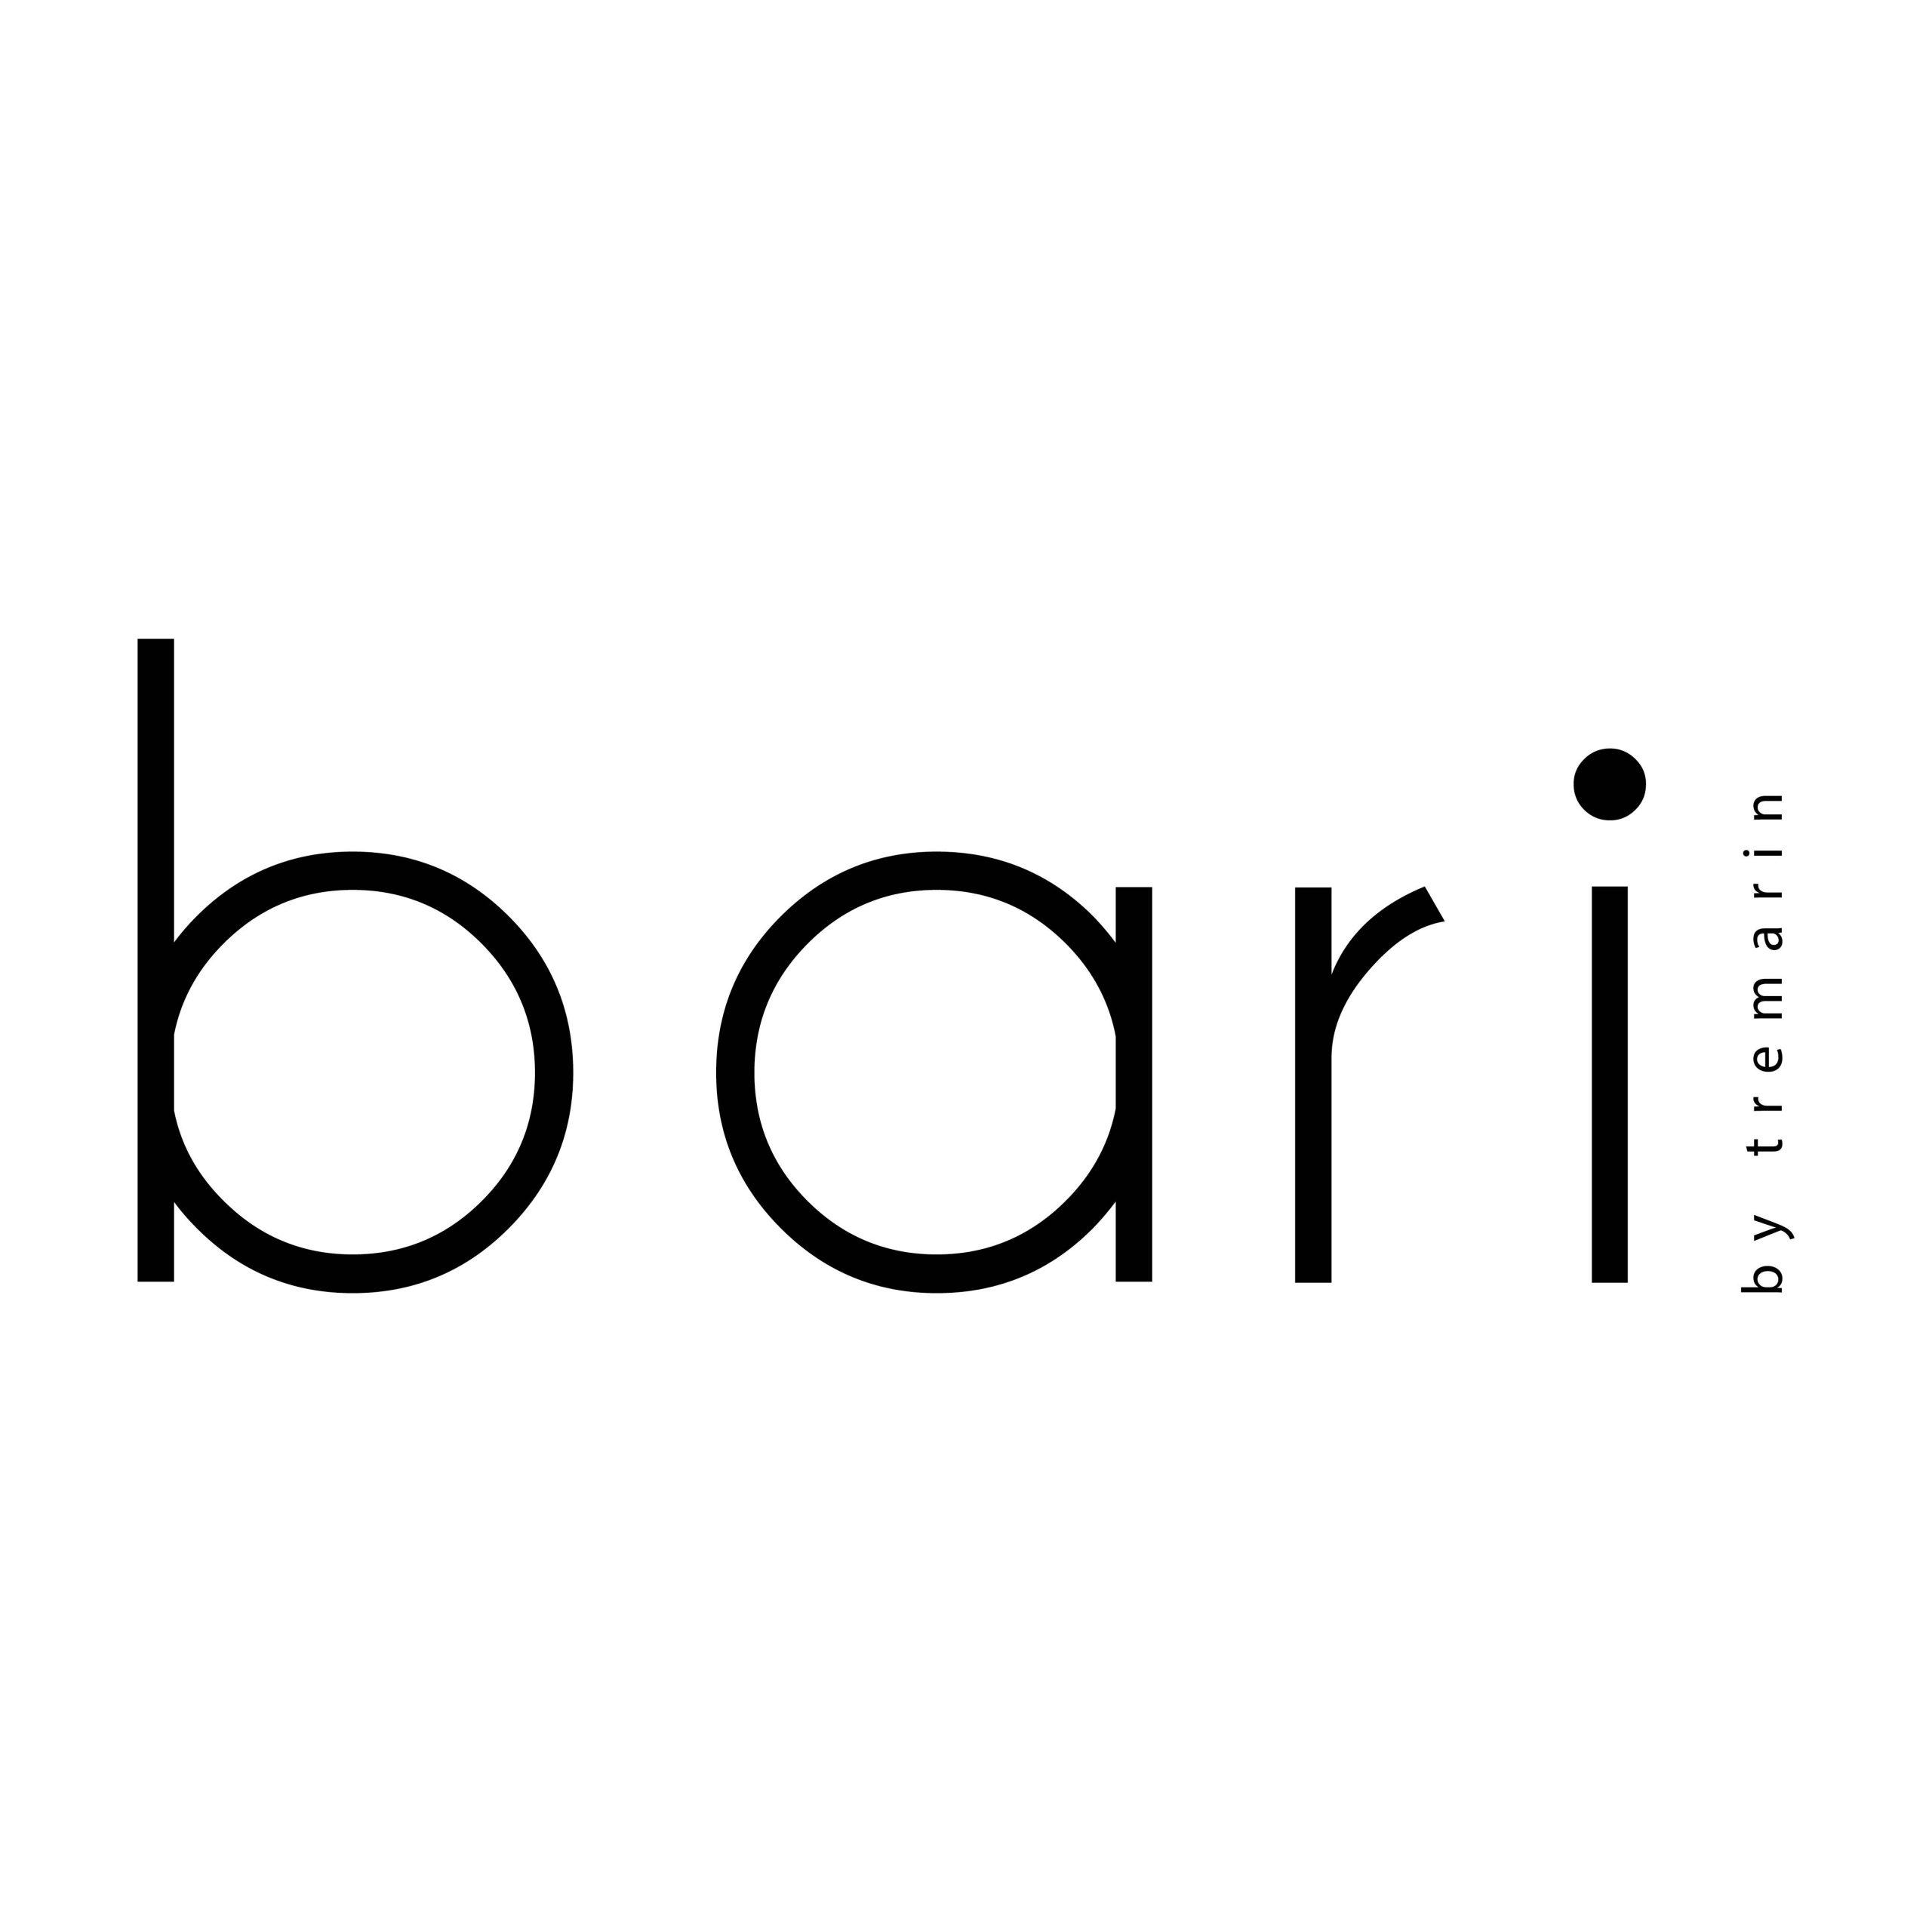 Bari by Tremarin